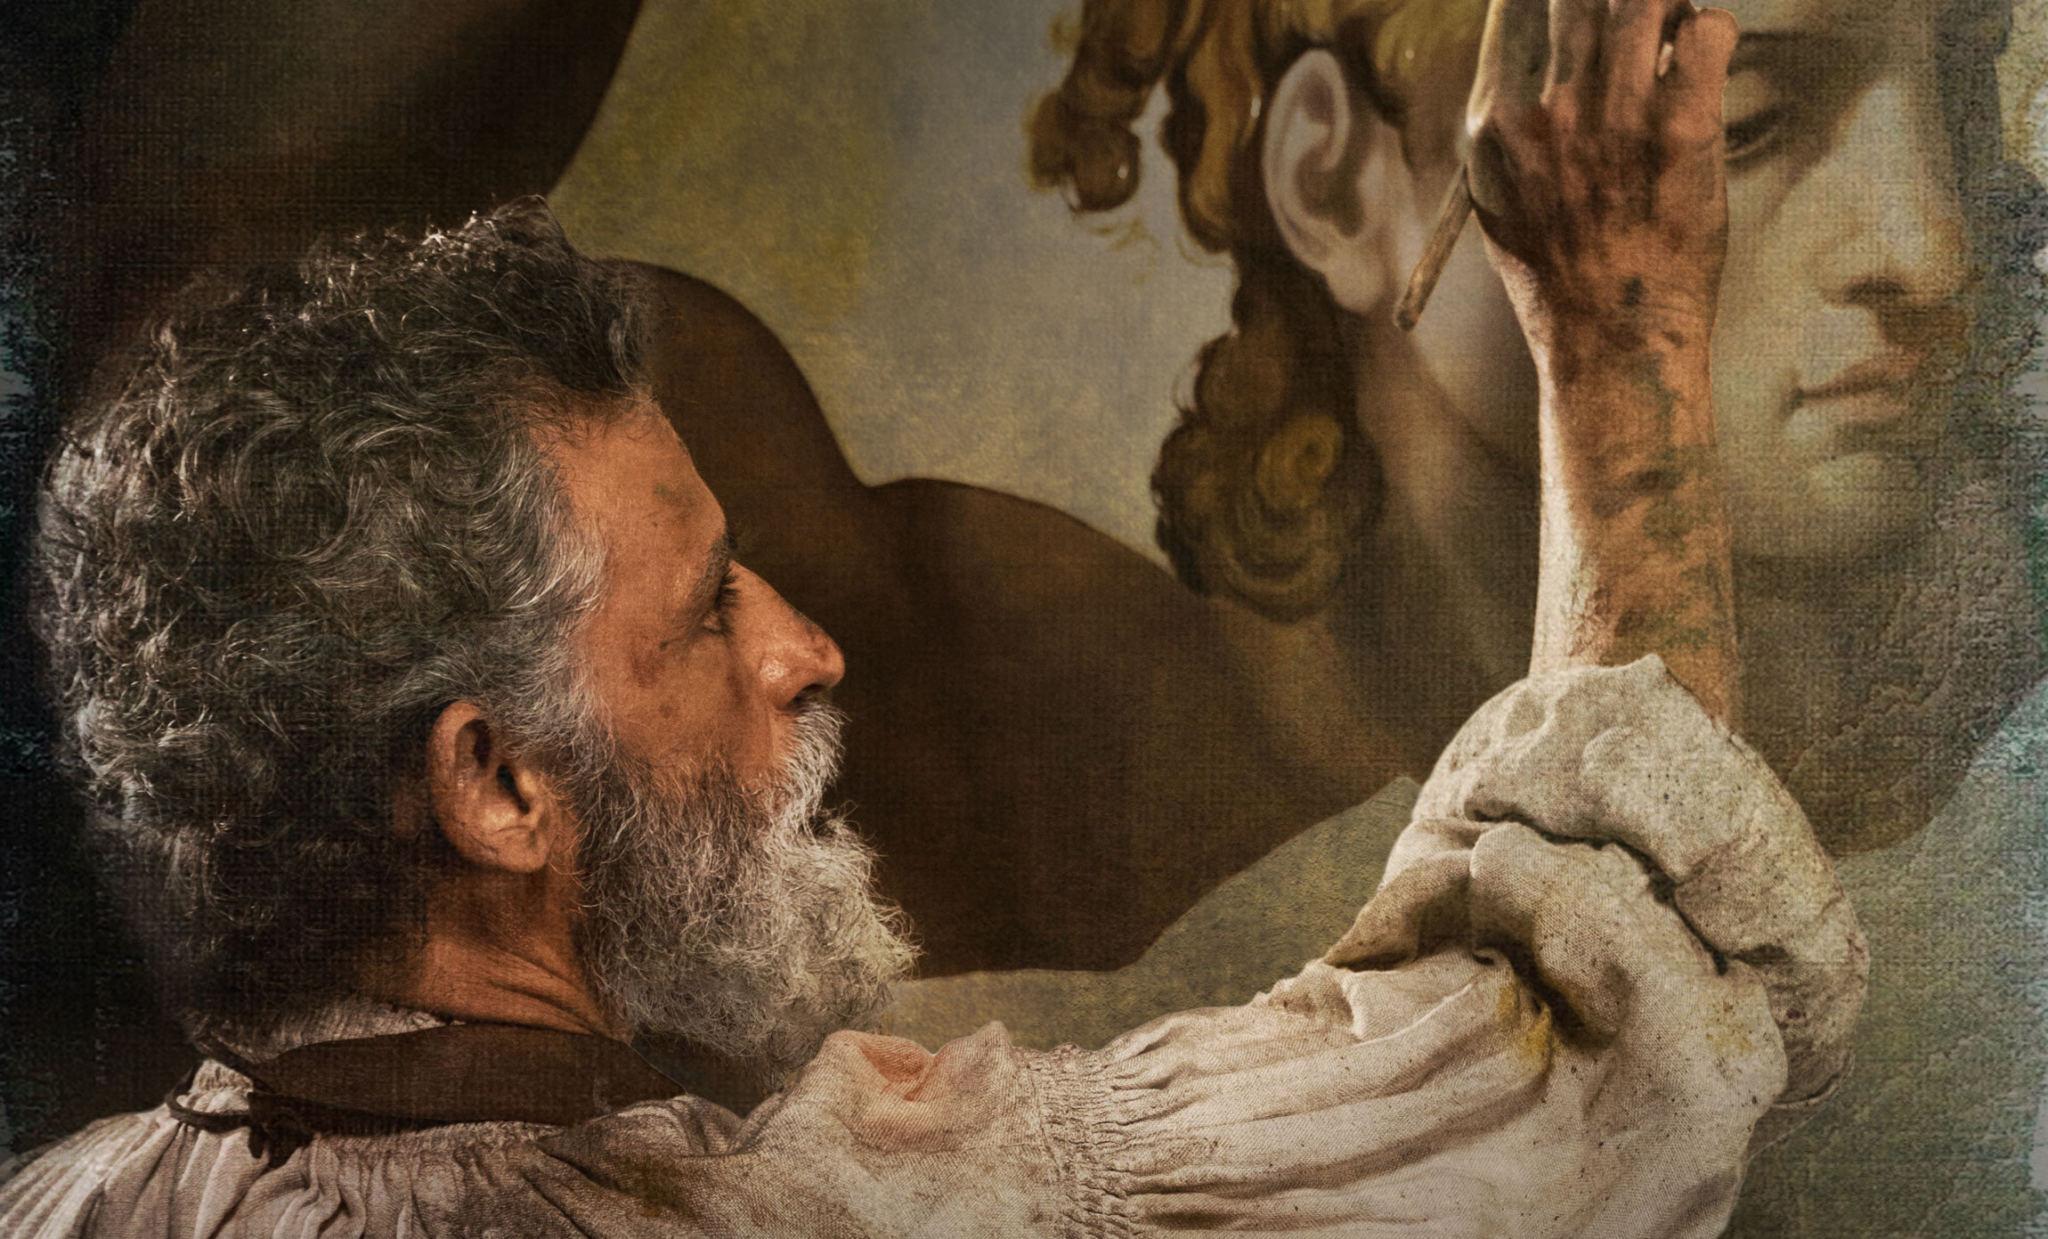 danh hoạ Michelangelo